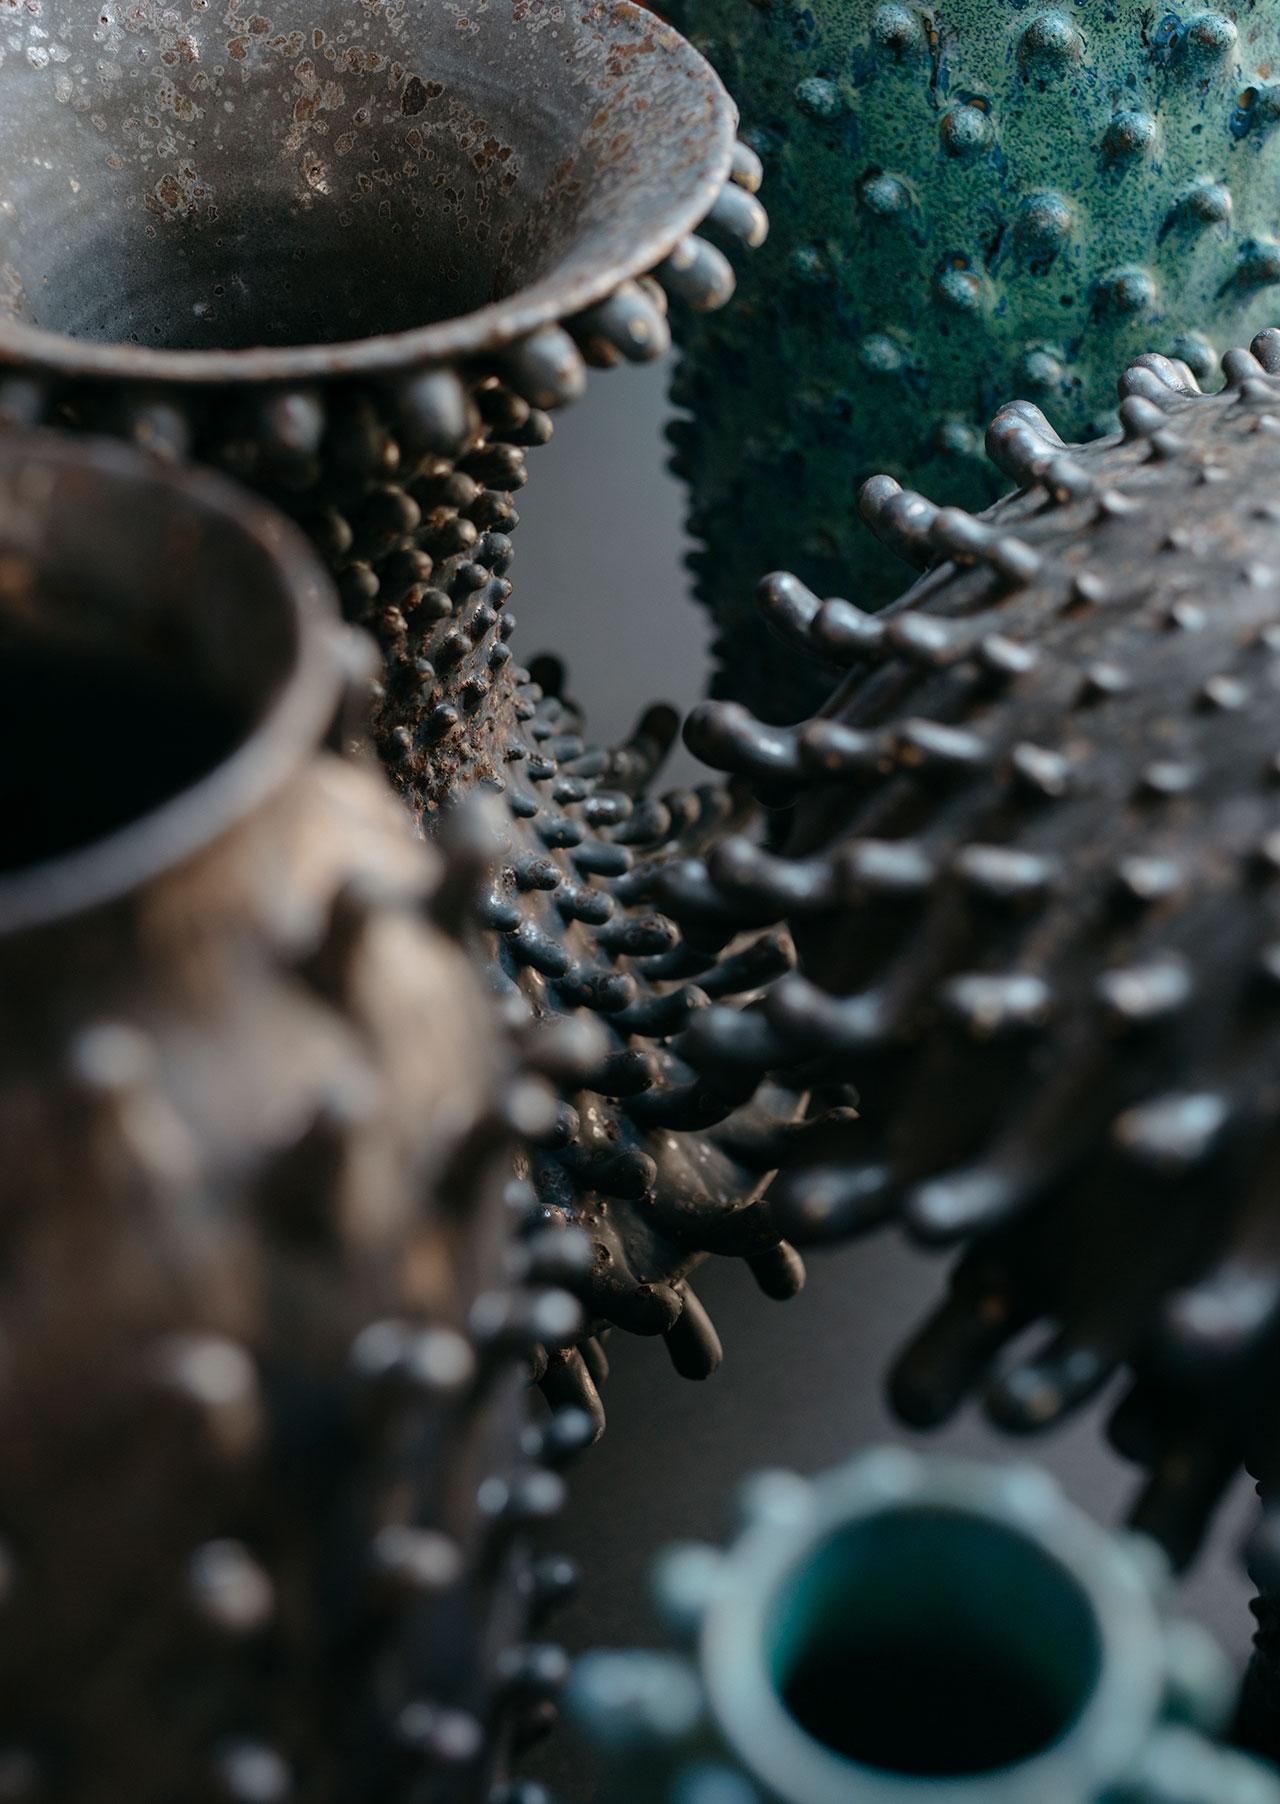 Nicolette Johnson Ceramics (detail).Courtesy of the artist.